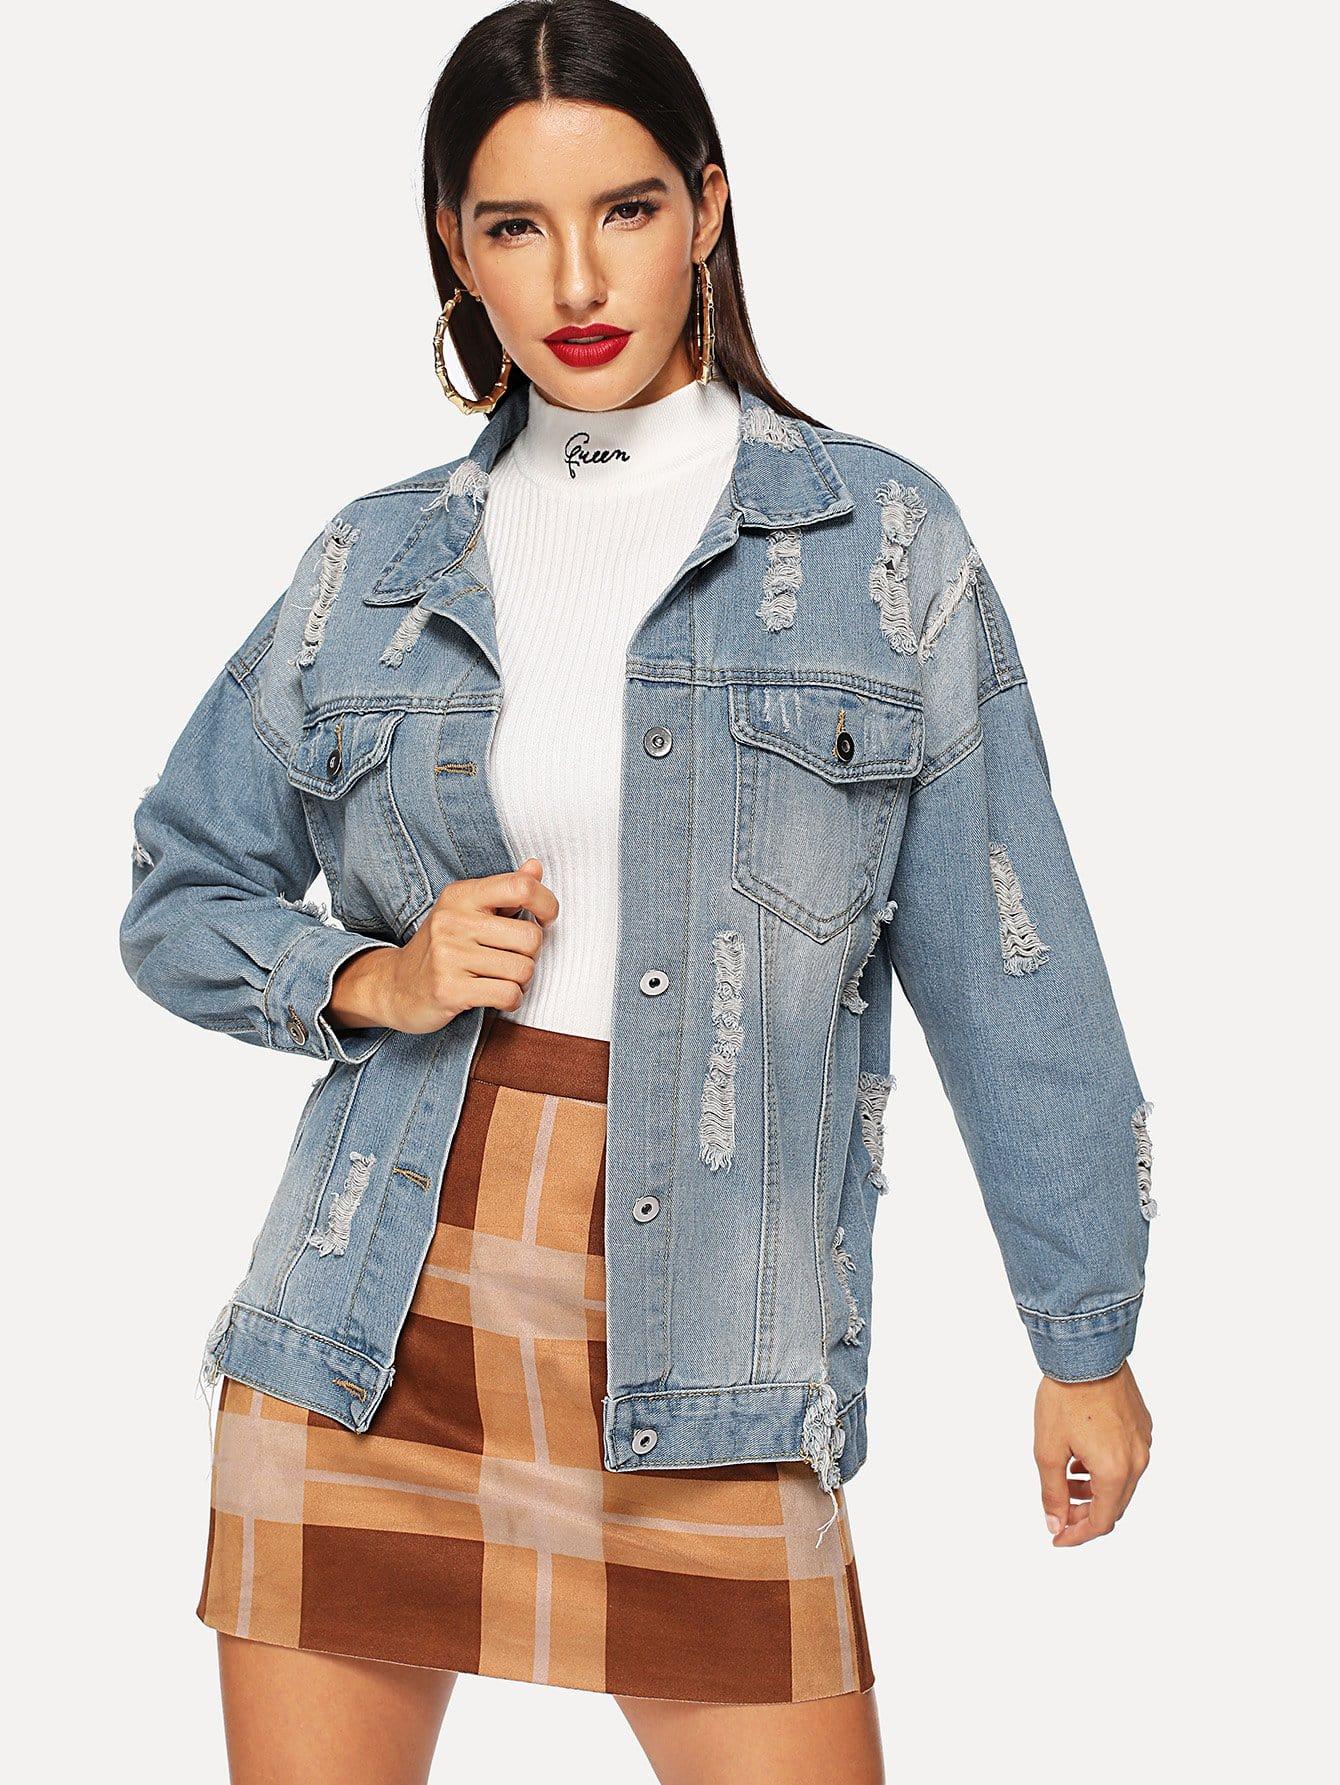 Купить Рваная джинсовая ветровка с заниженной линией плеч и текстовым принтом, Juliana, SheIn